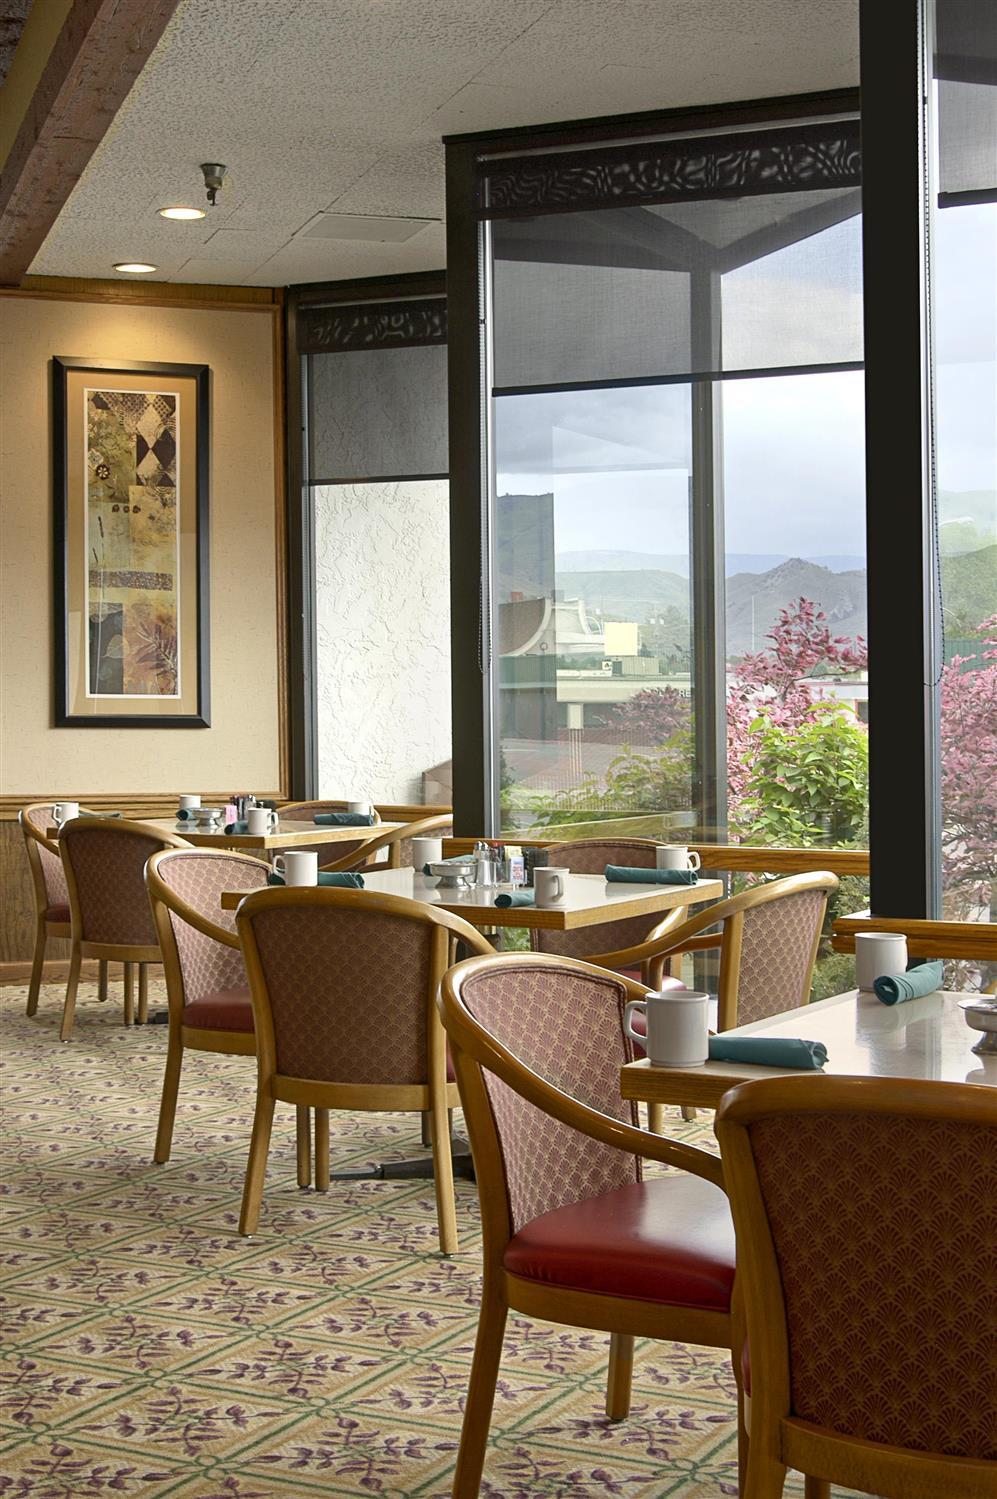 Restaurant - Red Lion Hotel Wenatchee